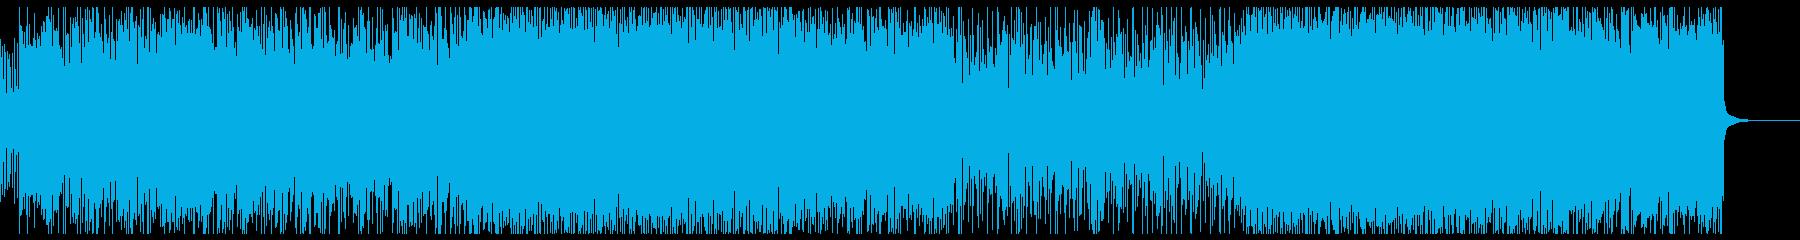 シンプルな激しいヘビーロックの再生済みの波形